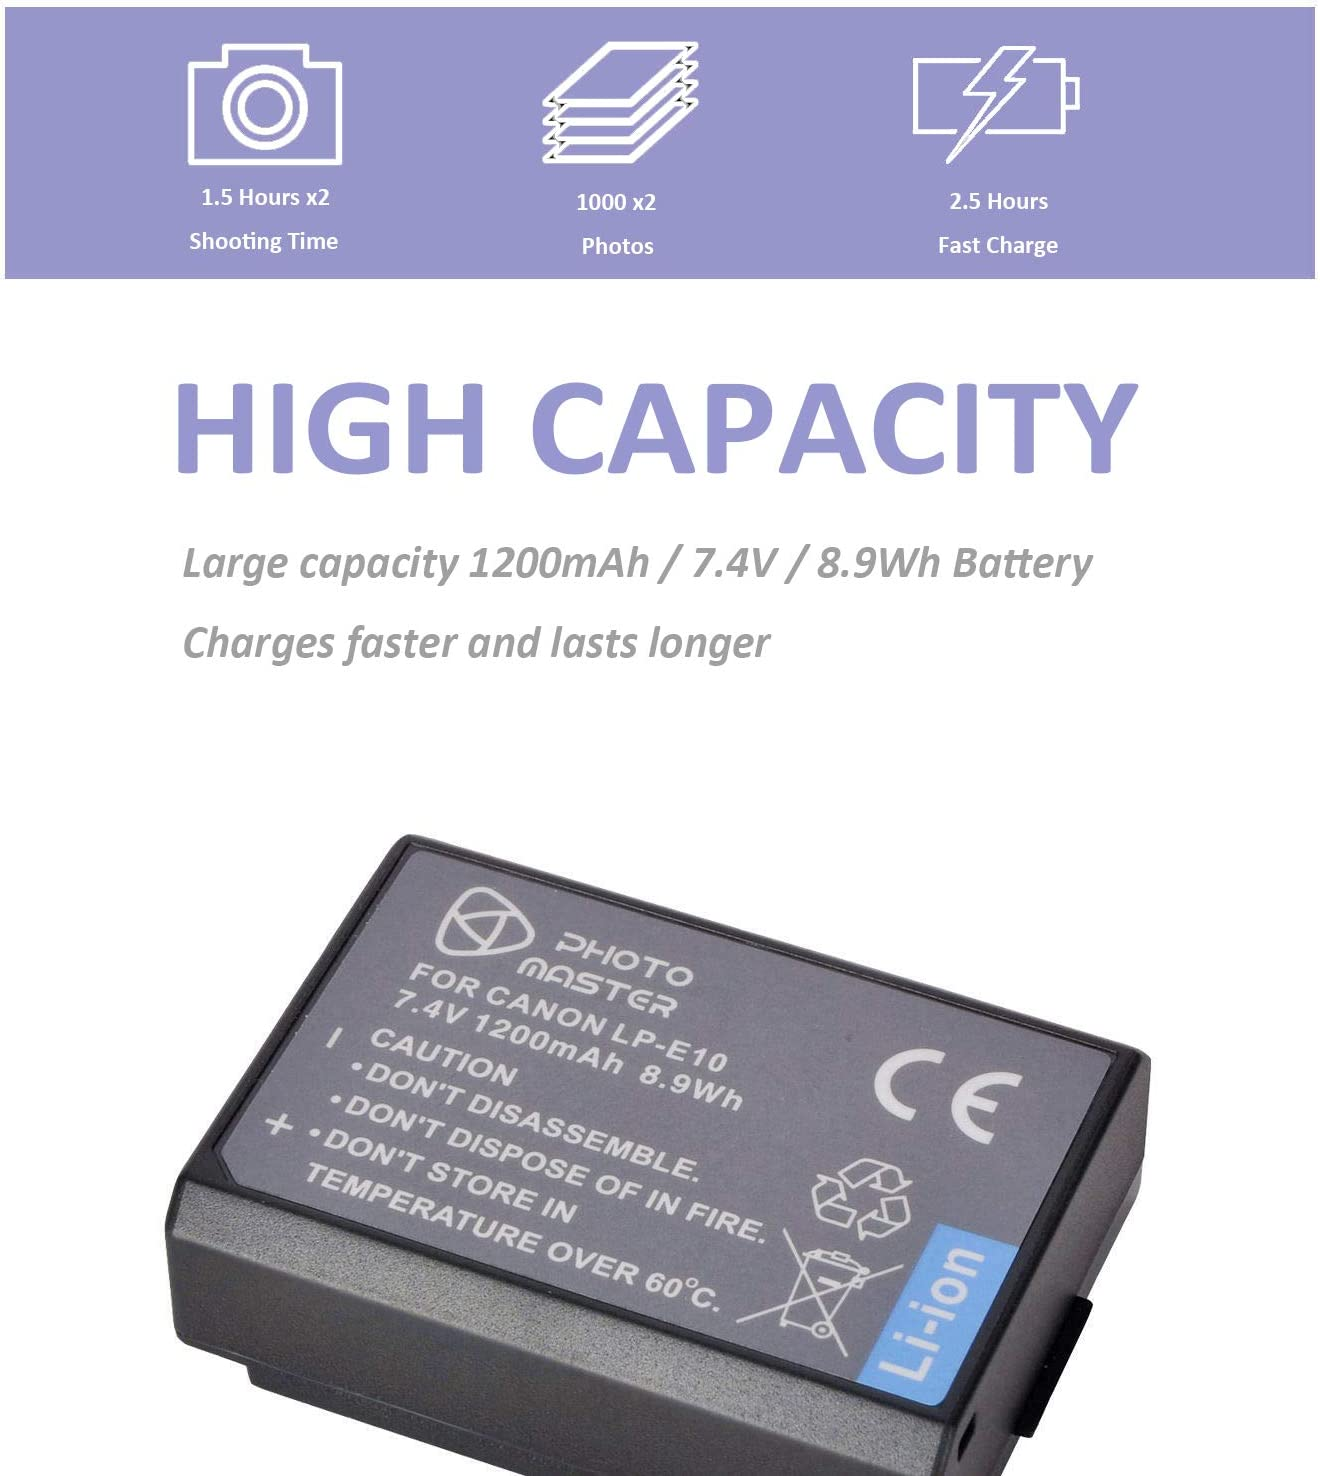 Nueva Cámara Digital Batería LP-E10 LPE10 para Canon EOS 1100D 1200D 1300D Reino Unido